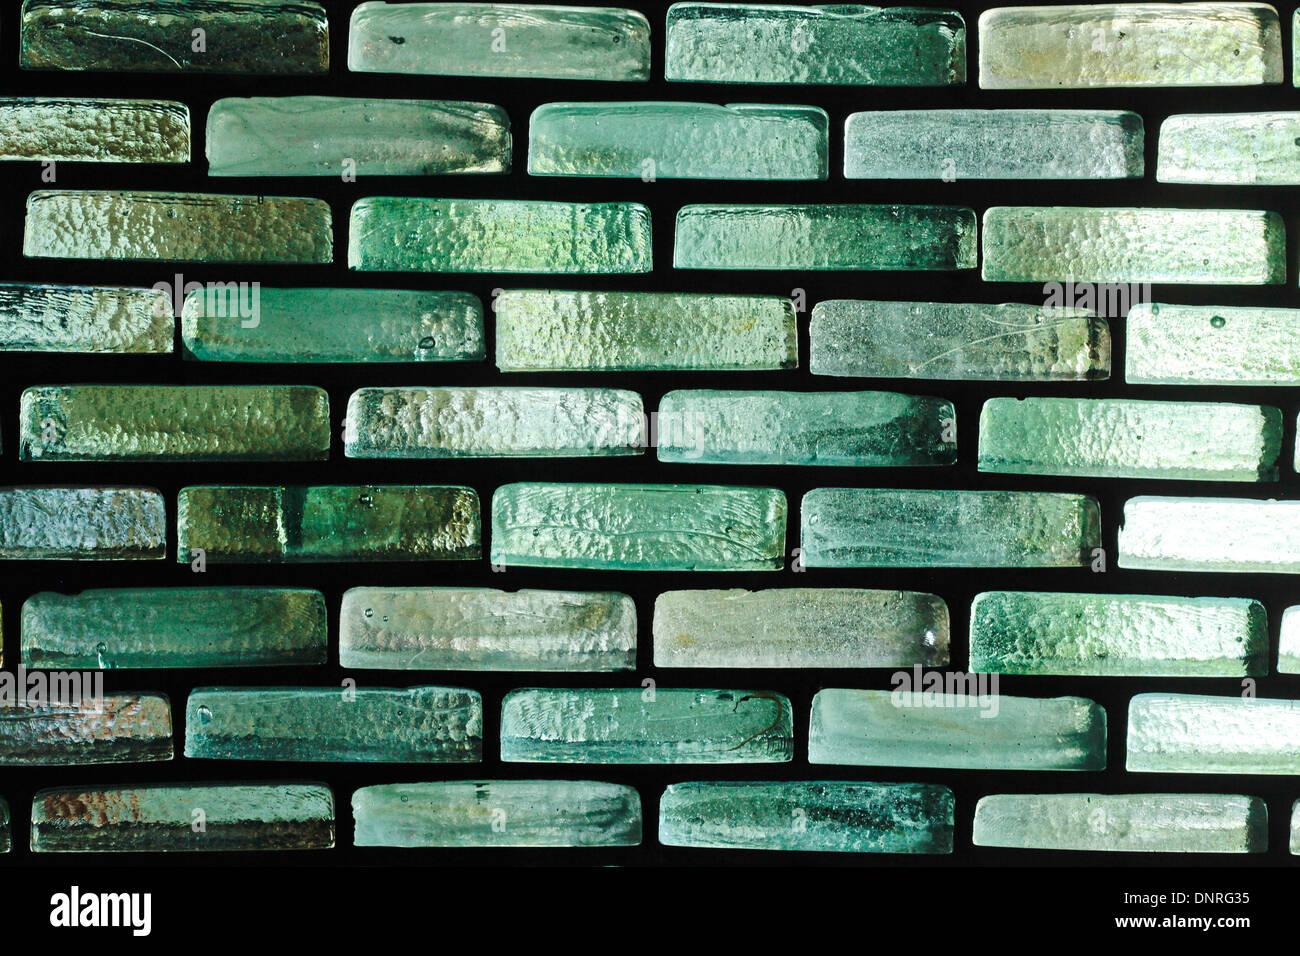 Wand aus Glasbausteinen als Hintergrund Stockfoto, Bild: 65056409 ...